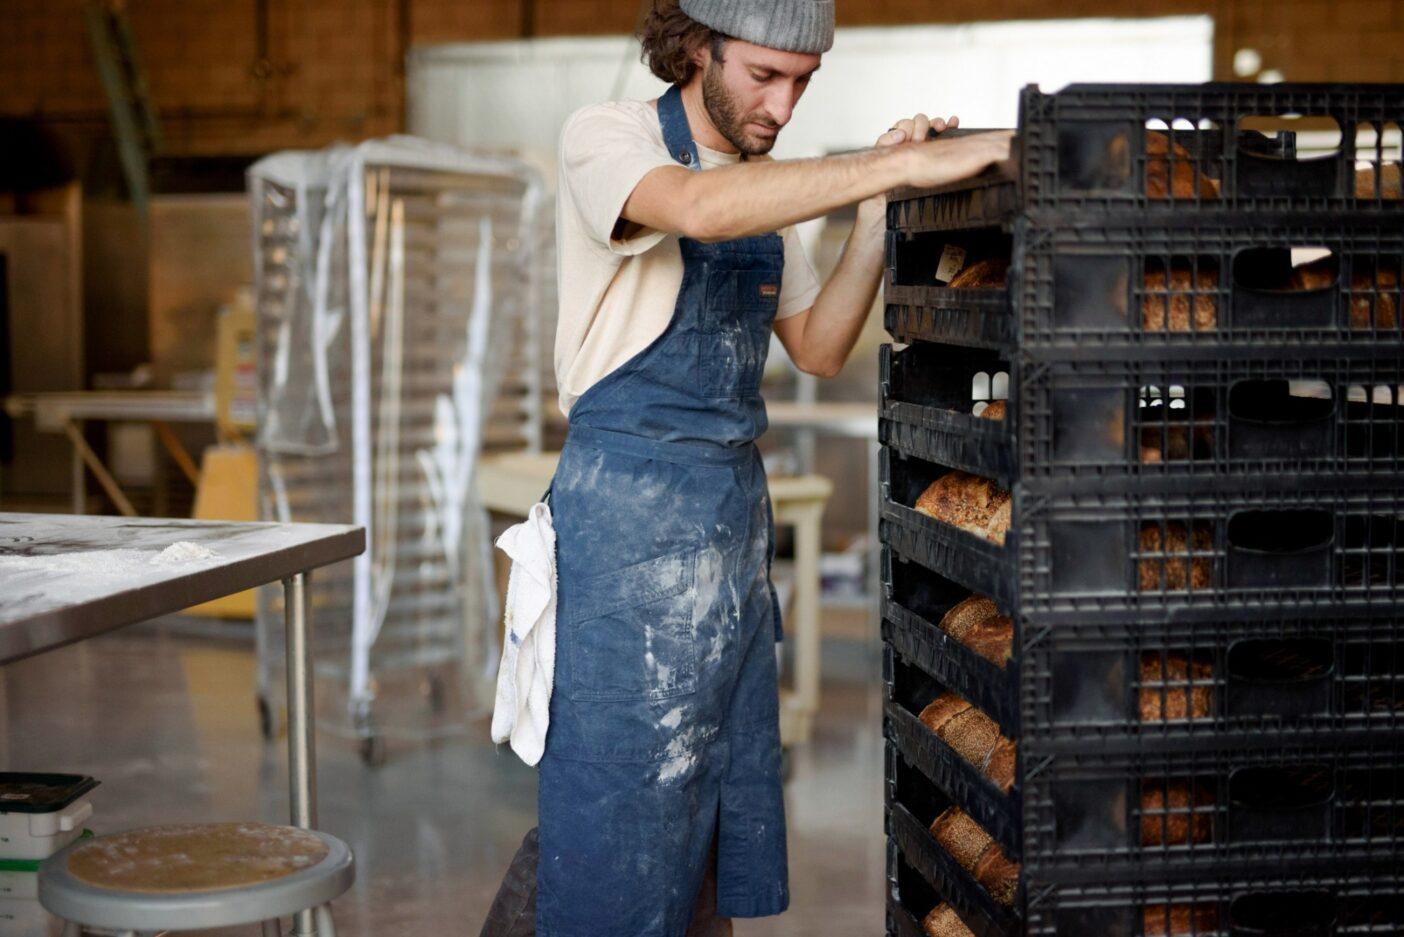 事業を起こし、コミュニティを作り、パンを焼く――デニコラにとって、それらはすべて友人に糧をもたらすことにつながる。まだ見ぬ友も含めて。Photo: Joe Haeberle